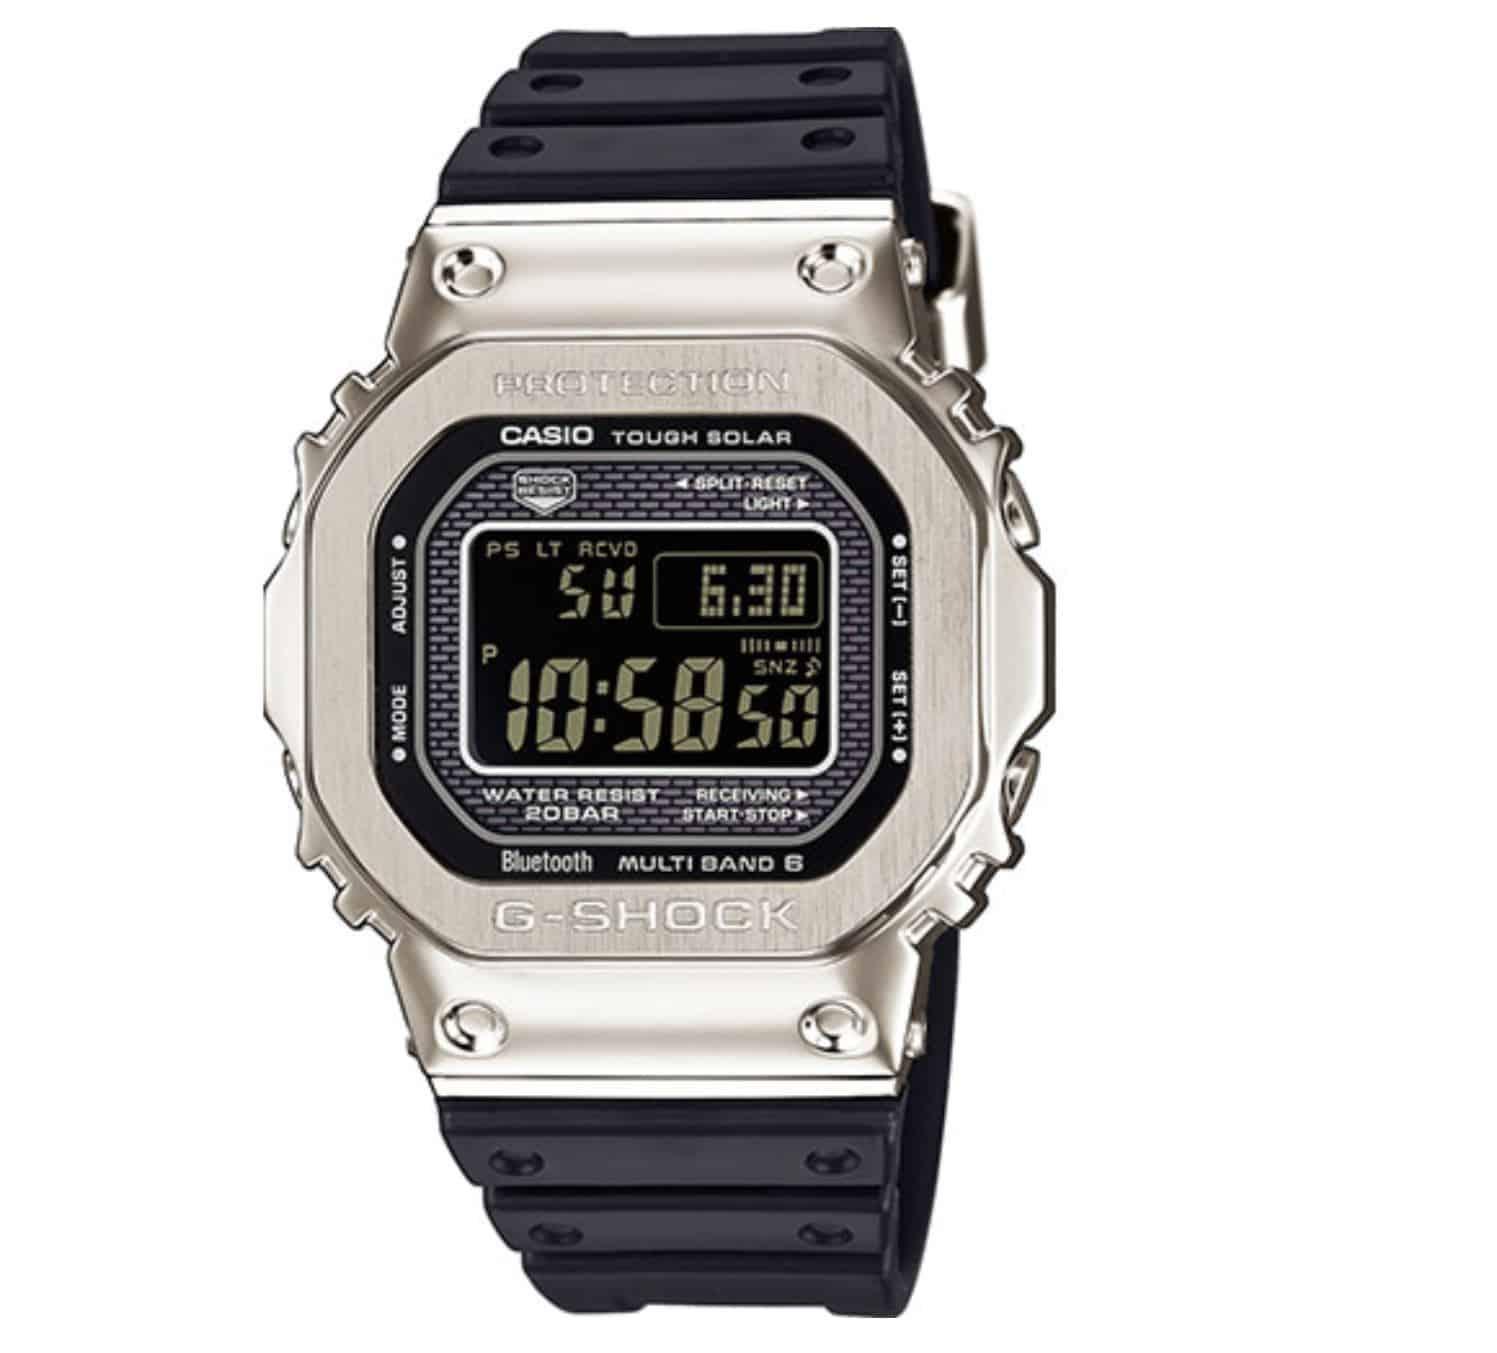 Die neue Retro-G-Shock GMW B5000-1ER Quarzuhr